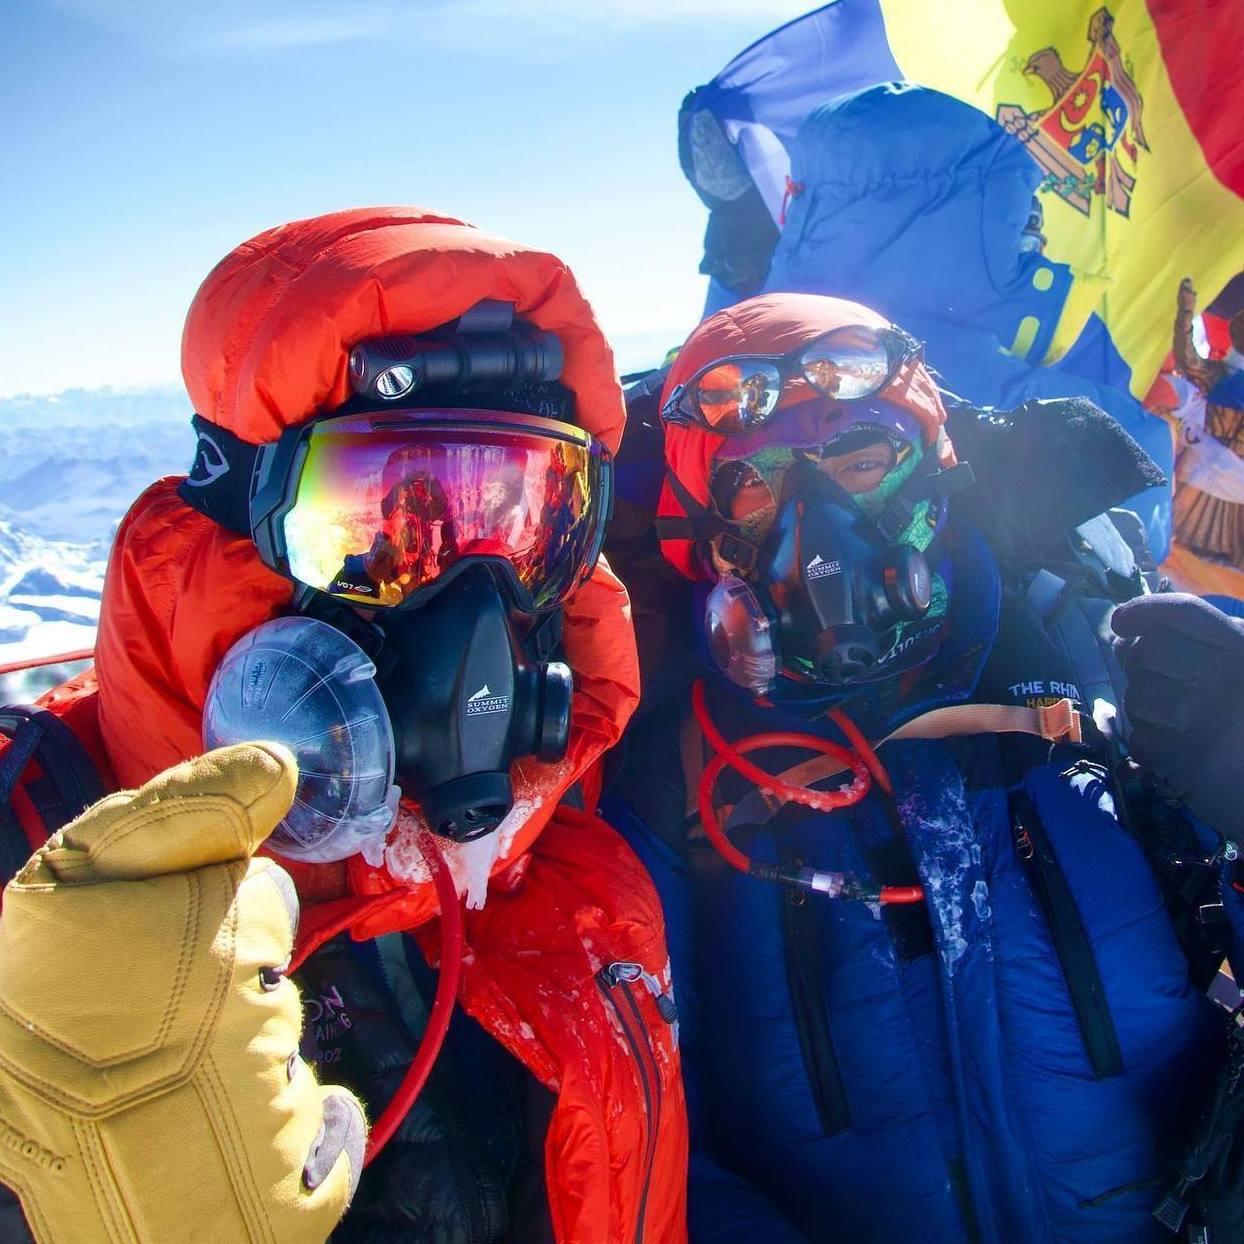 Art Muir y su guía Sherpa posan en la cima del mundo. Muir a sus 75 años es el americano más viejo en escalar al tope del Monte Everest. Foto cortesía de Art Muir.